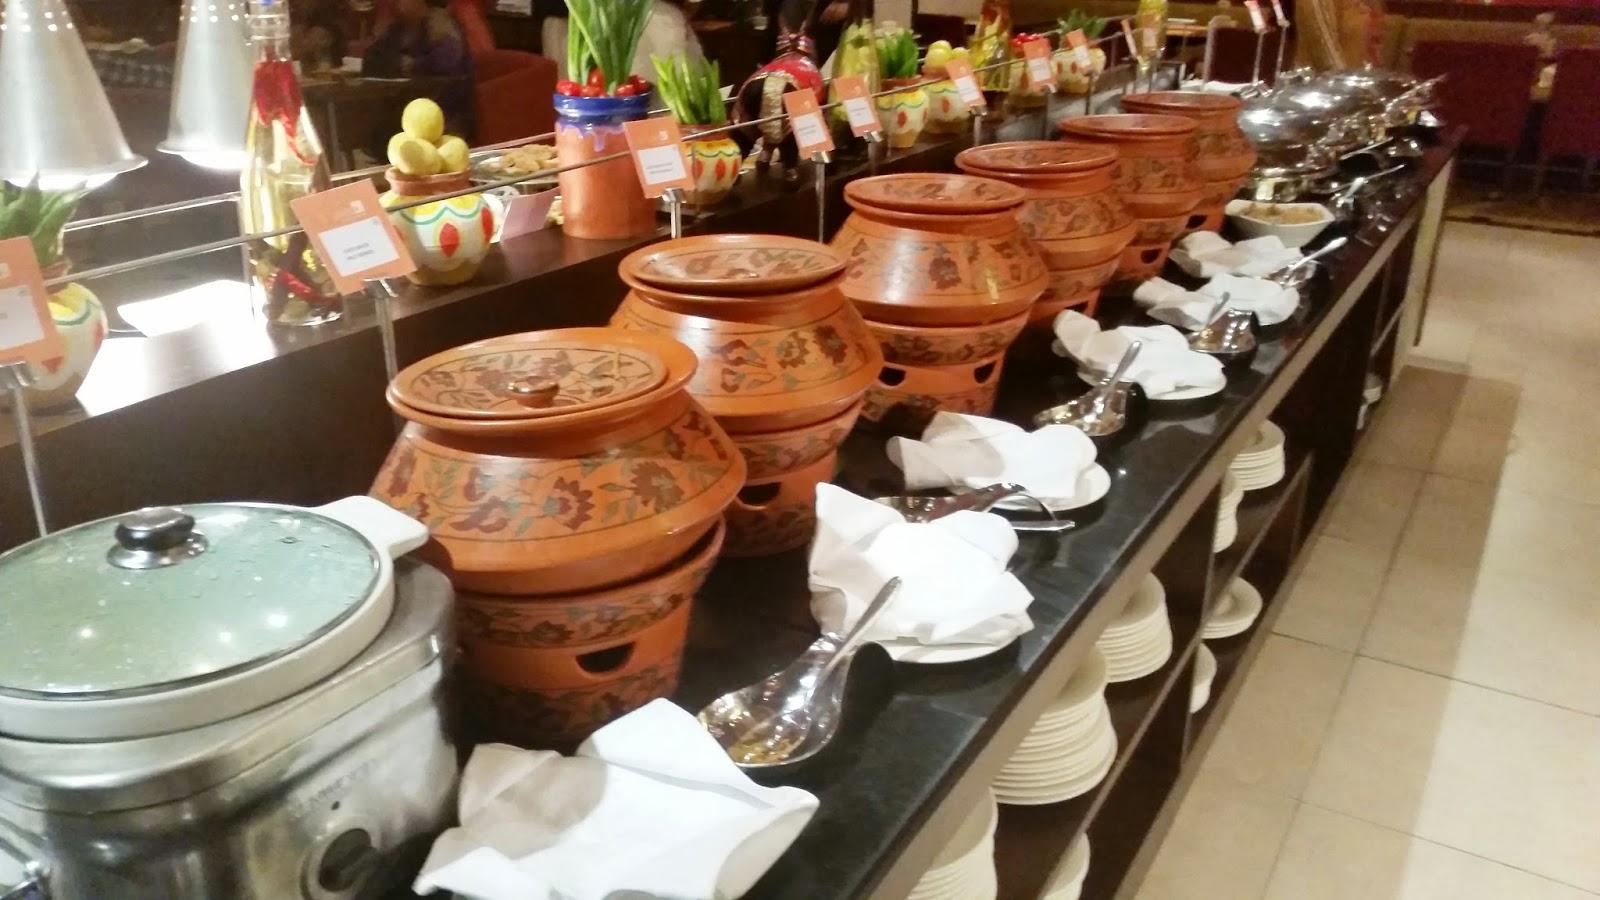 Novotel Rajasthani Food Festival